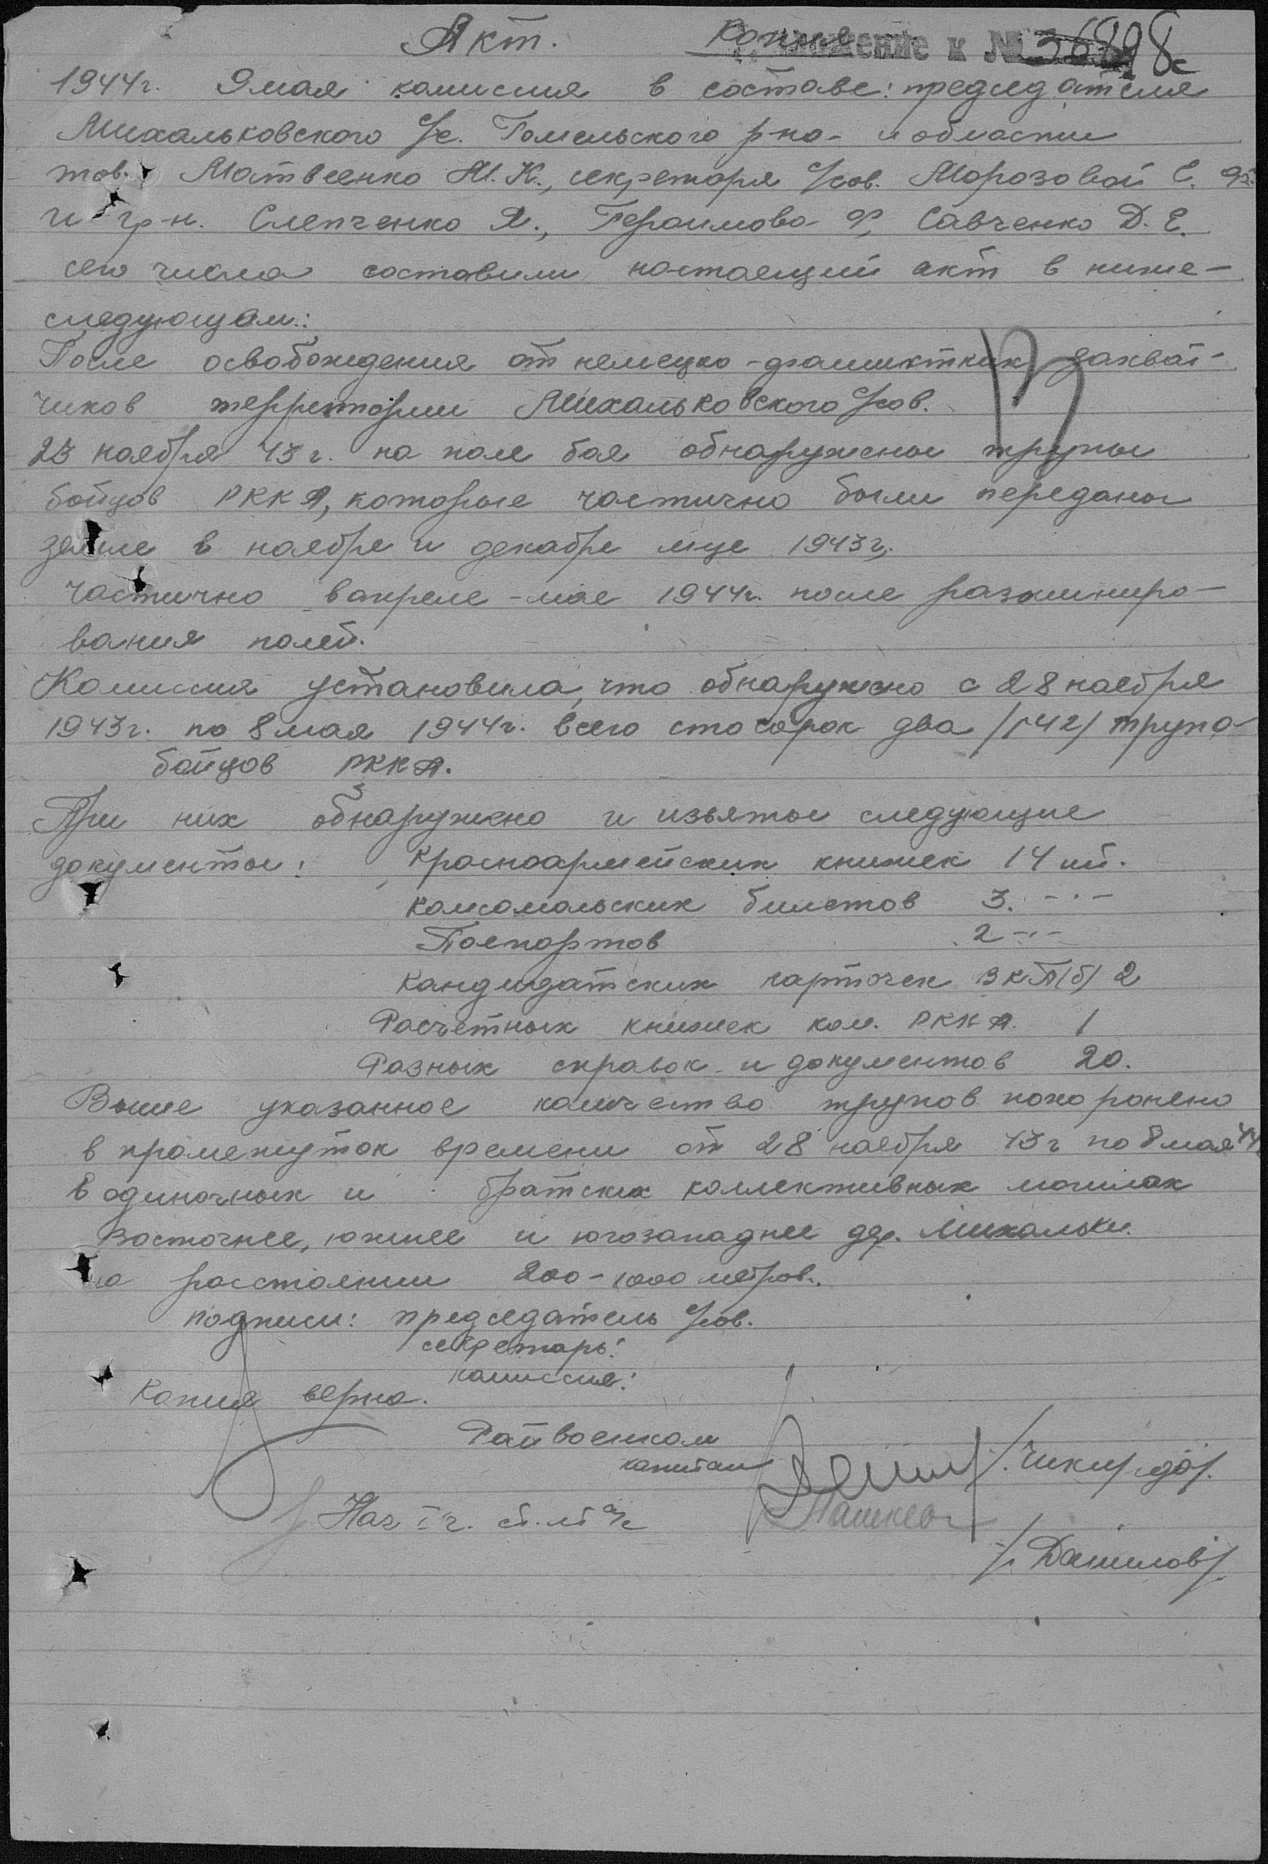 http://www.obd-memorial.ru/memorial/imagelink?path=096c65e3-4ca5-47ba-ac44-12444171e0a2